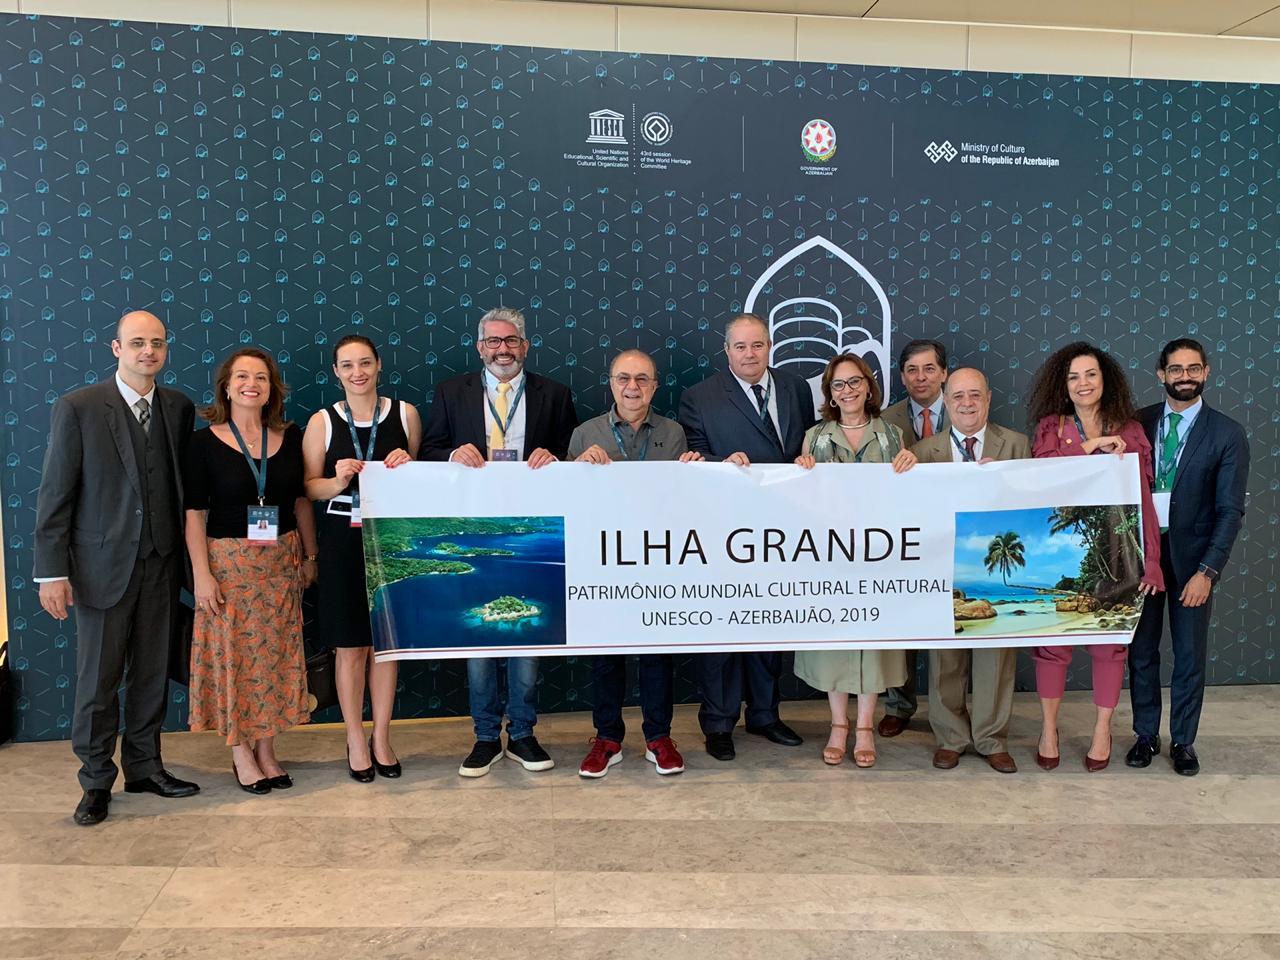 Delegação brasileira no Comitê do Patrimônio Mundial em 2019